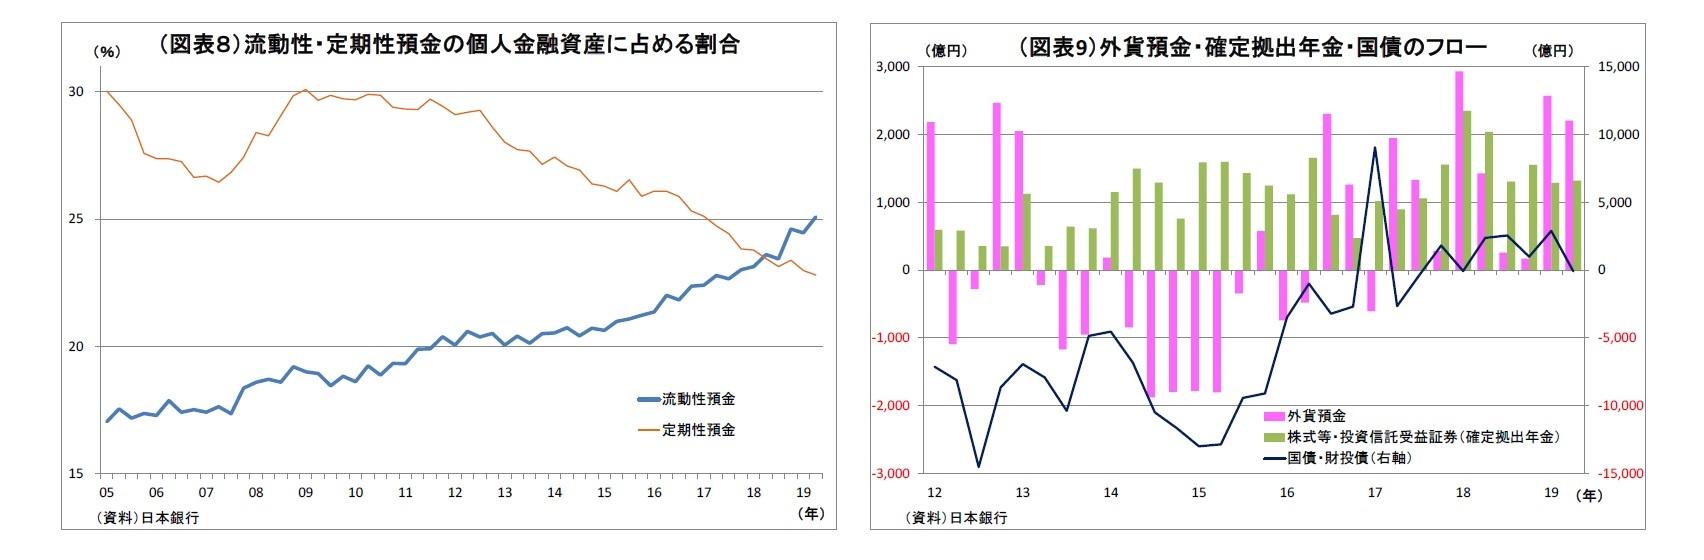 (図表8)流動性・定期性預金の個人金融資産に占める割合/(図表9)外貨預金・確定拠出年金・国債のフロー